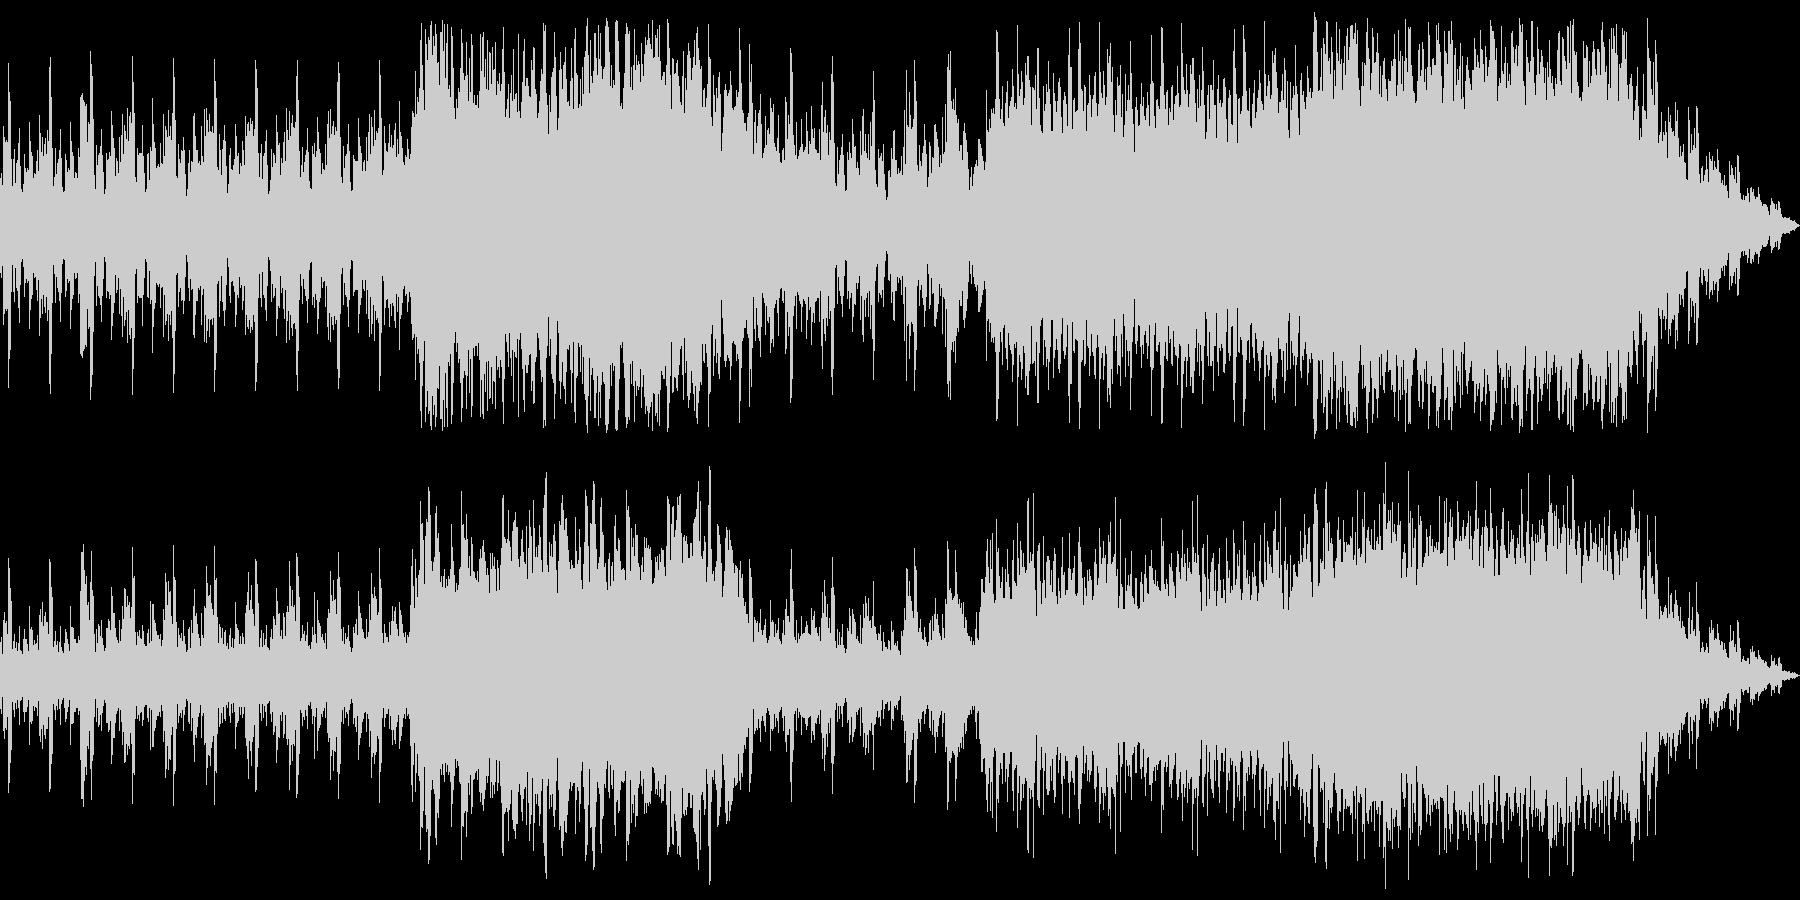 前向きなイメージのオーケストラ風サウン…の未再生の波形